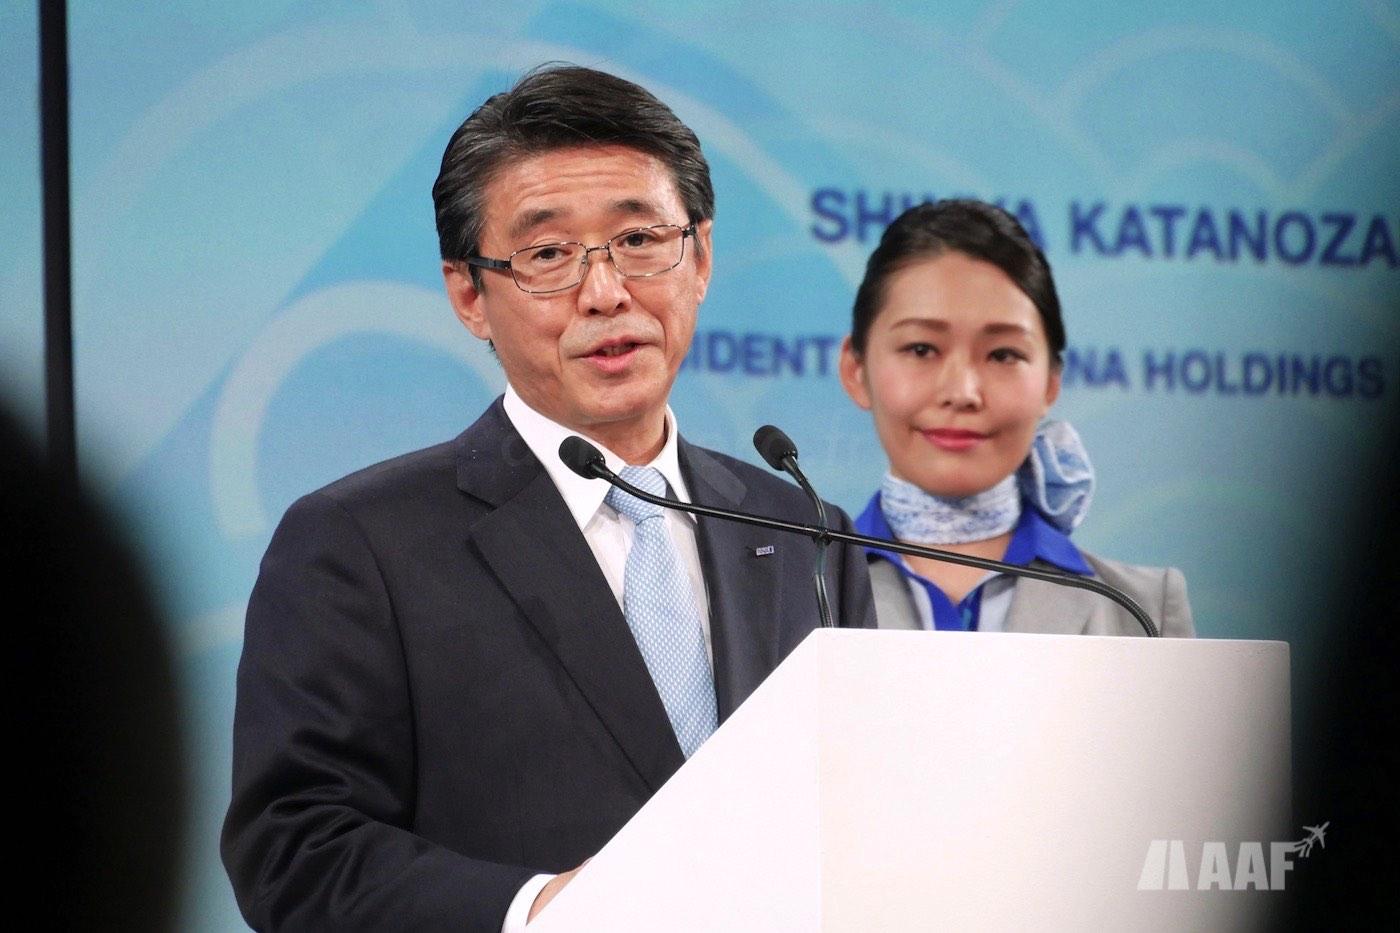 M. Shinya KATANOZAKA, le Président et CEO d'ANA